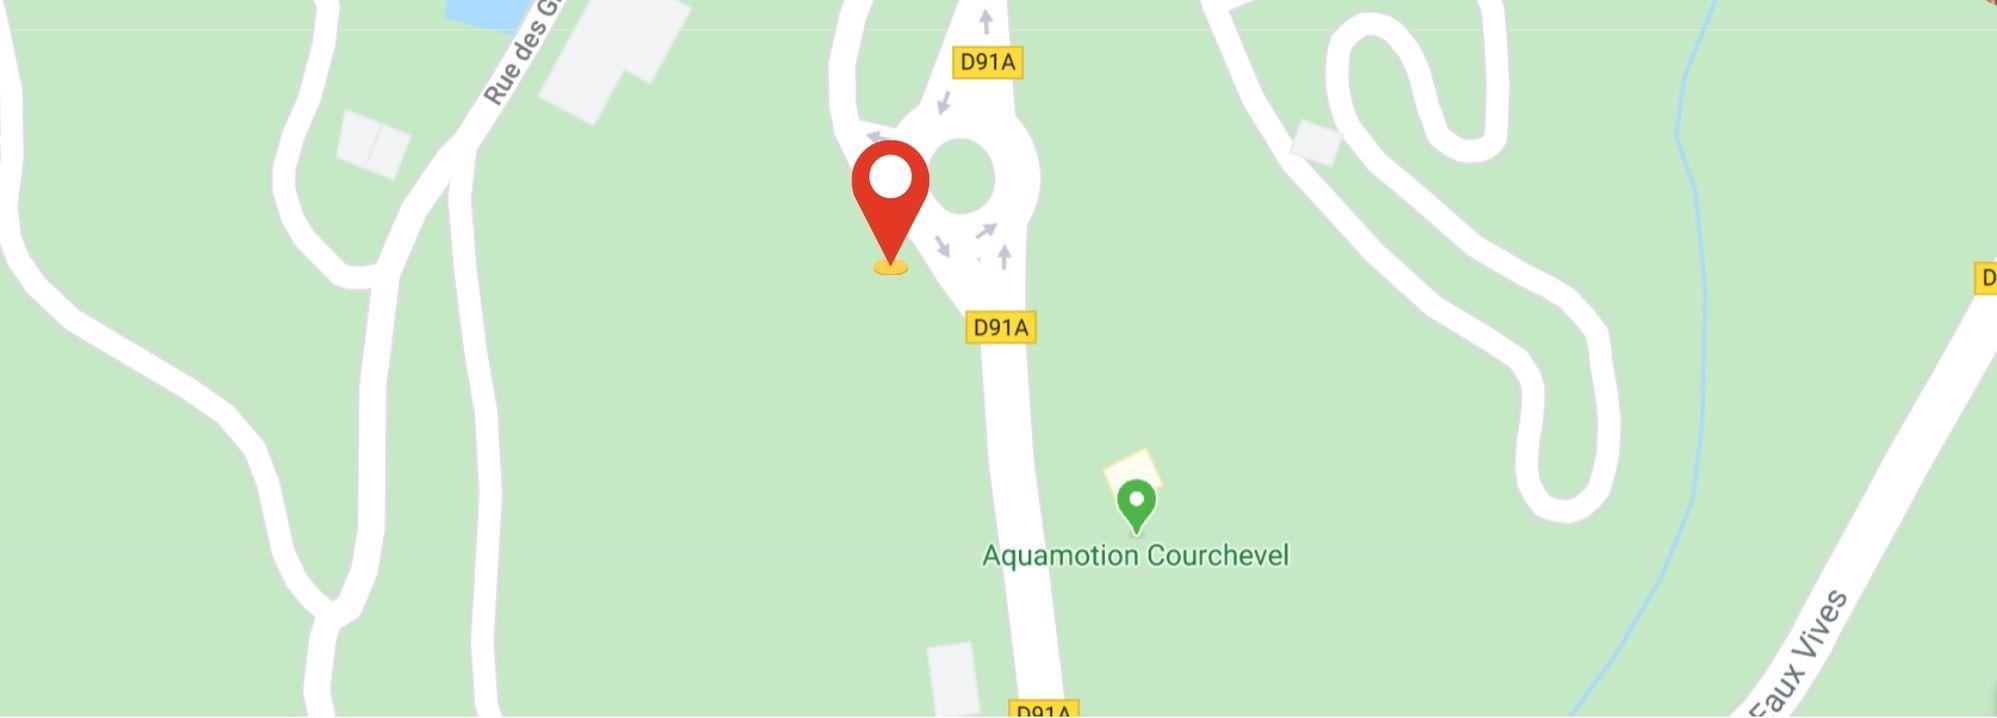 points de rendez-vous sorties raquettes evasion courchevel - aquamotion